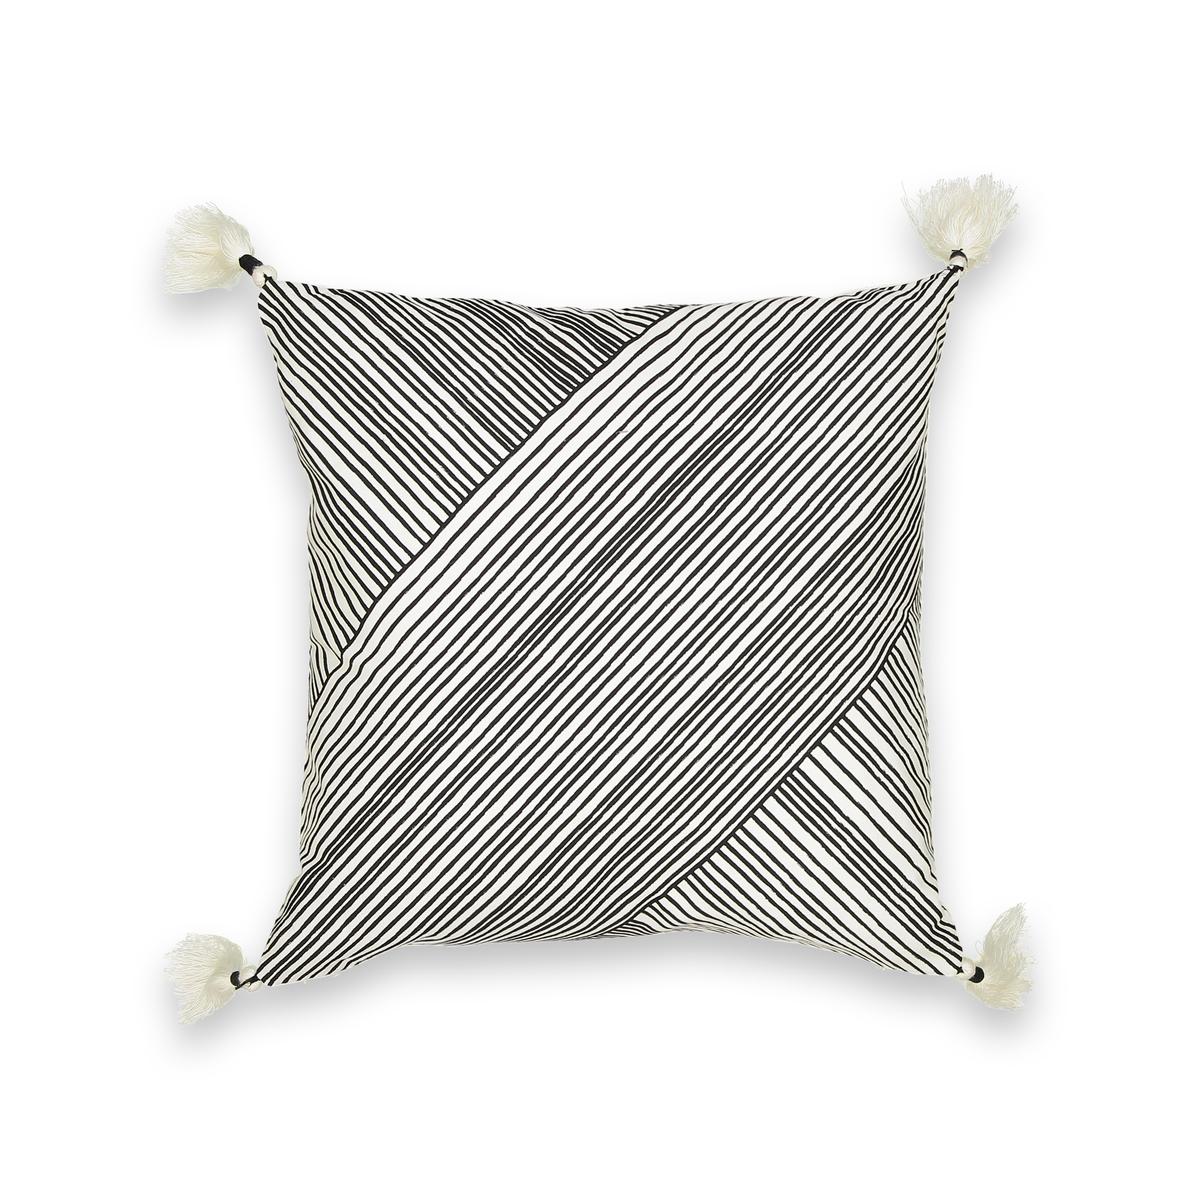 Чехол на подушку-валик, StriateЧехол на подушку-валик Striate. Рисунок в полоску черного и белого цветов и отделка кисточками по 4 углам. 100% хлопок . Стирать при 30°C. Размер : 45 x 45 см. Подушка продается отдельно.<br><br>Цвет: черный/ белый